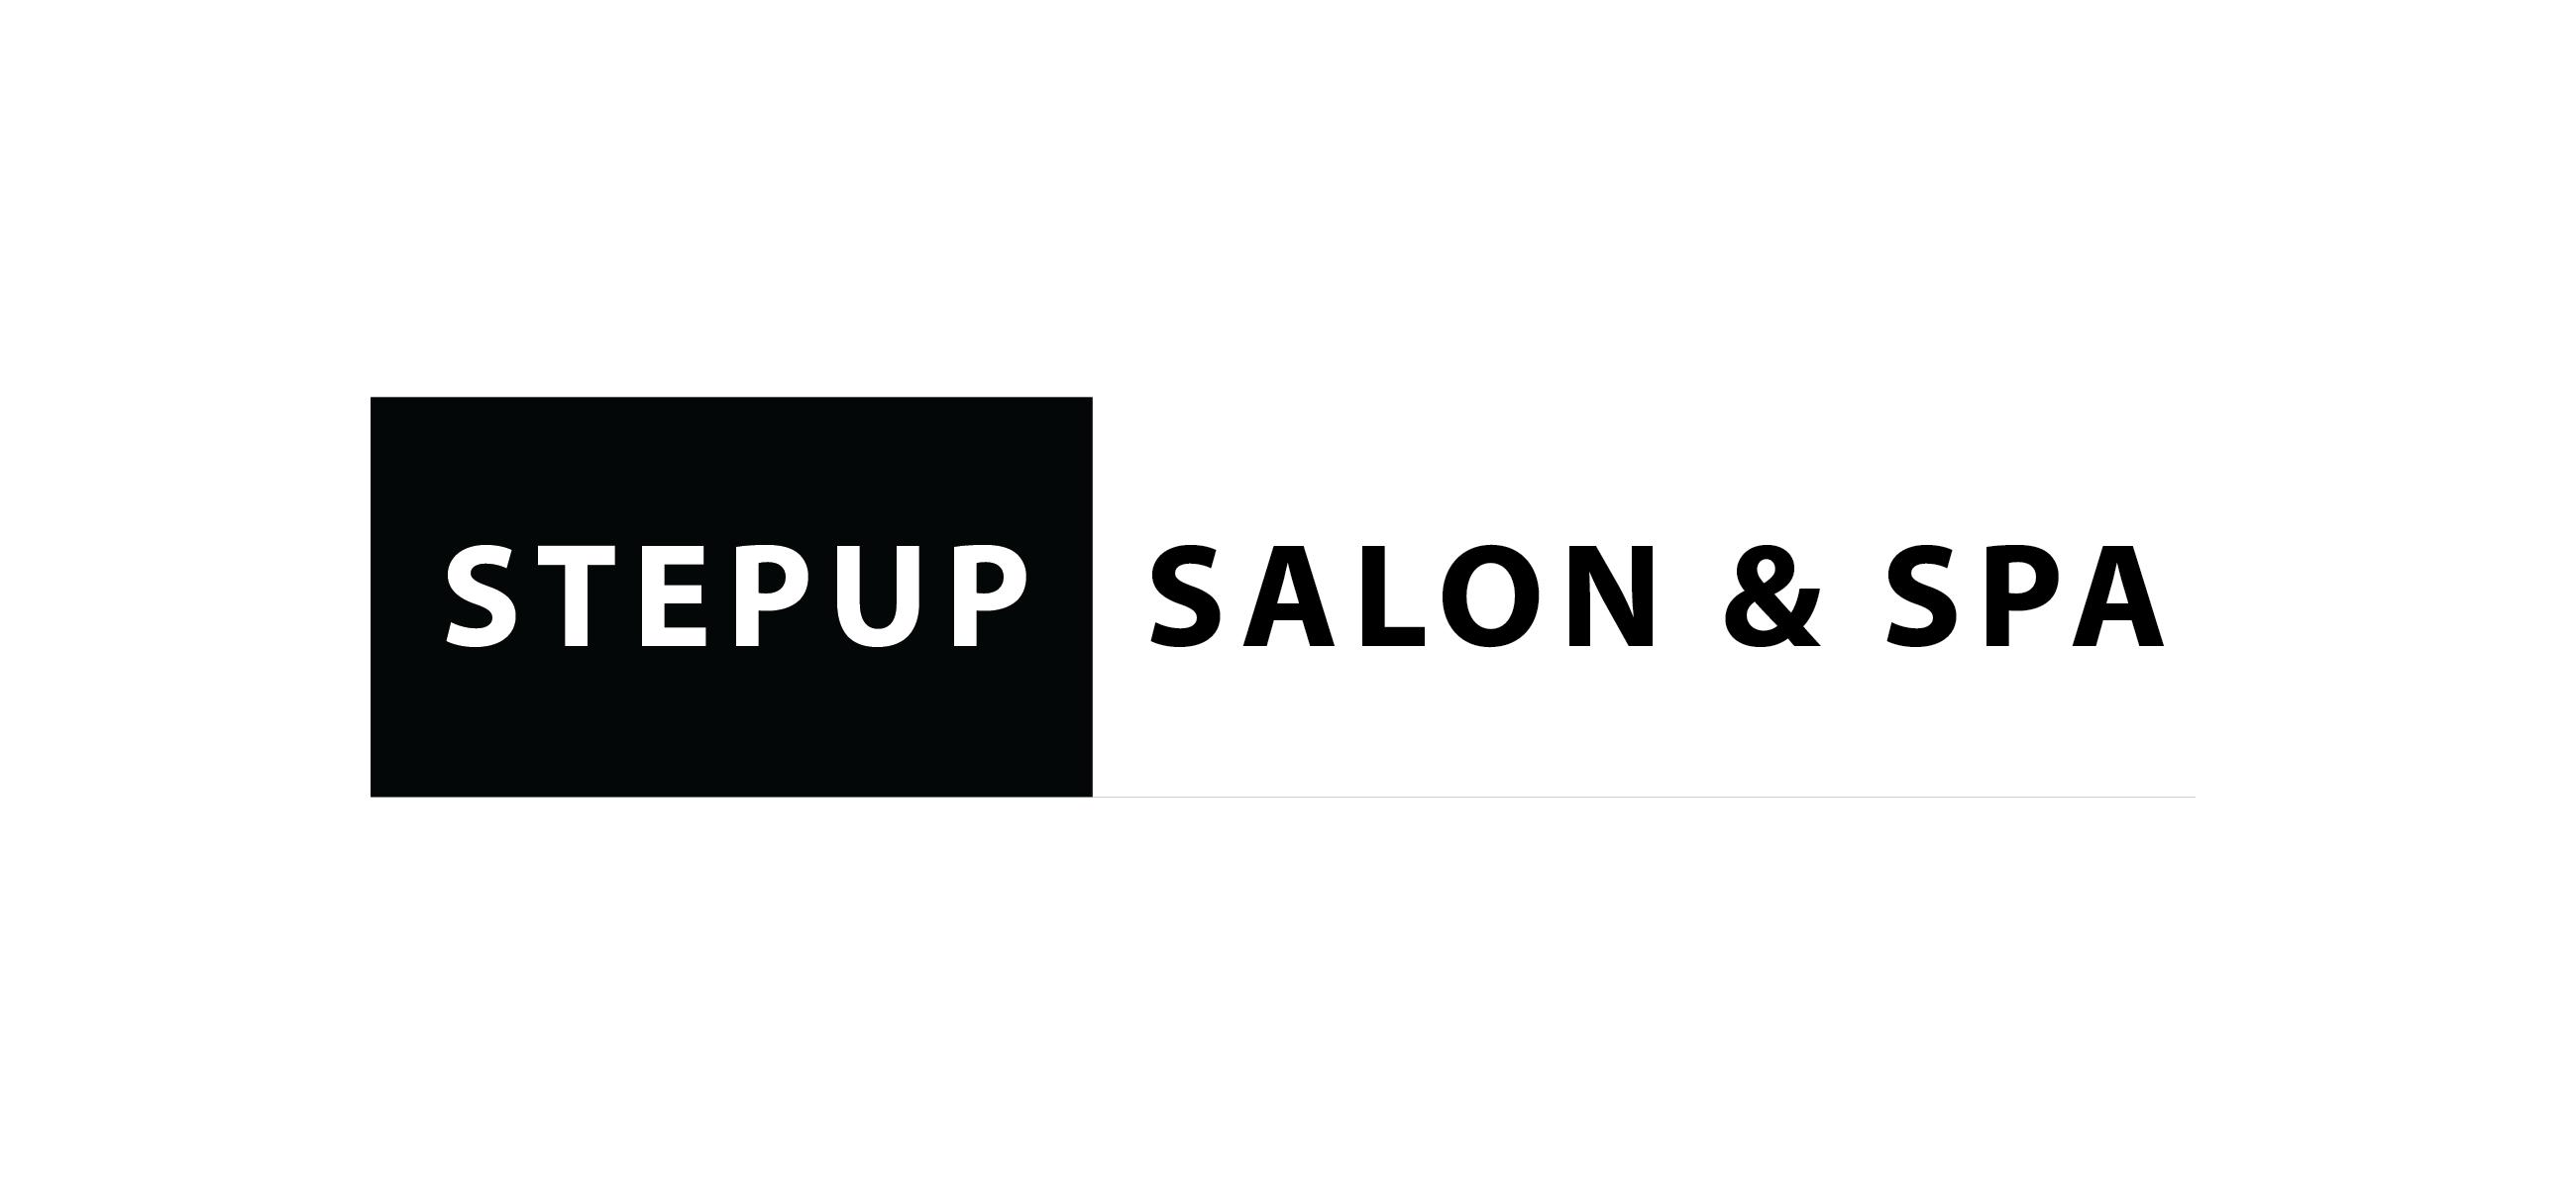 Step Up Beauty Salon - Yelahanka - Bangalore Image